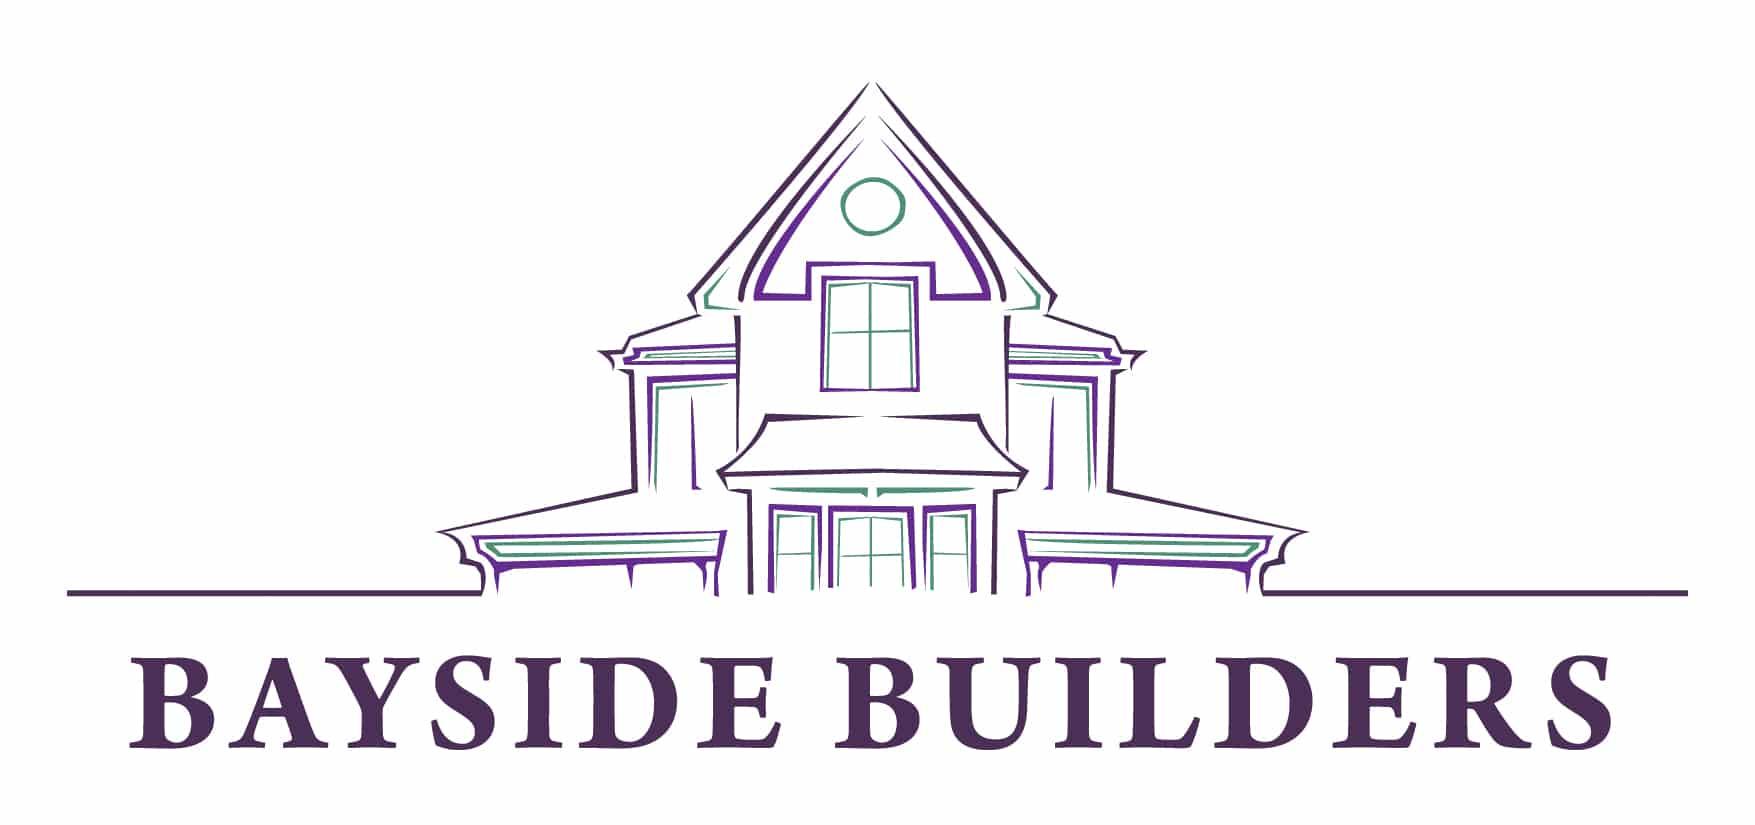 Bayside Builders